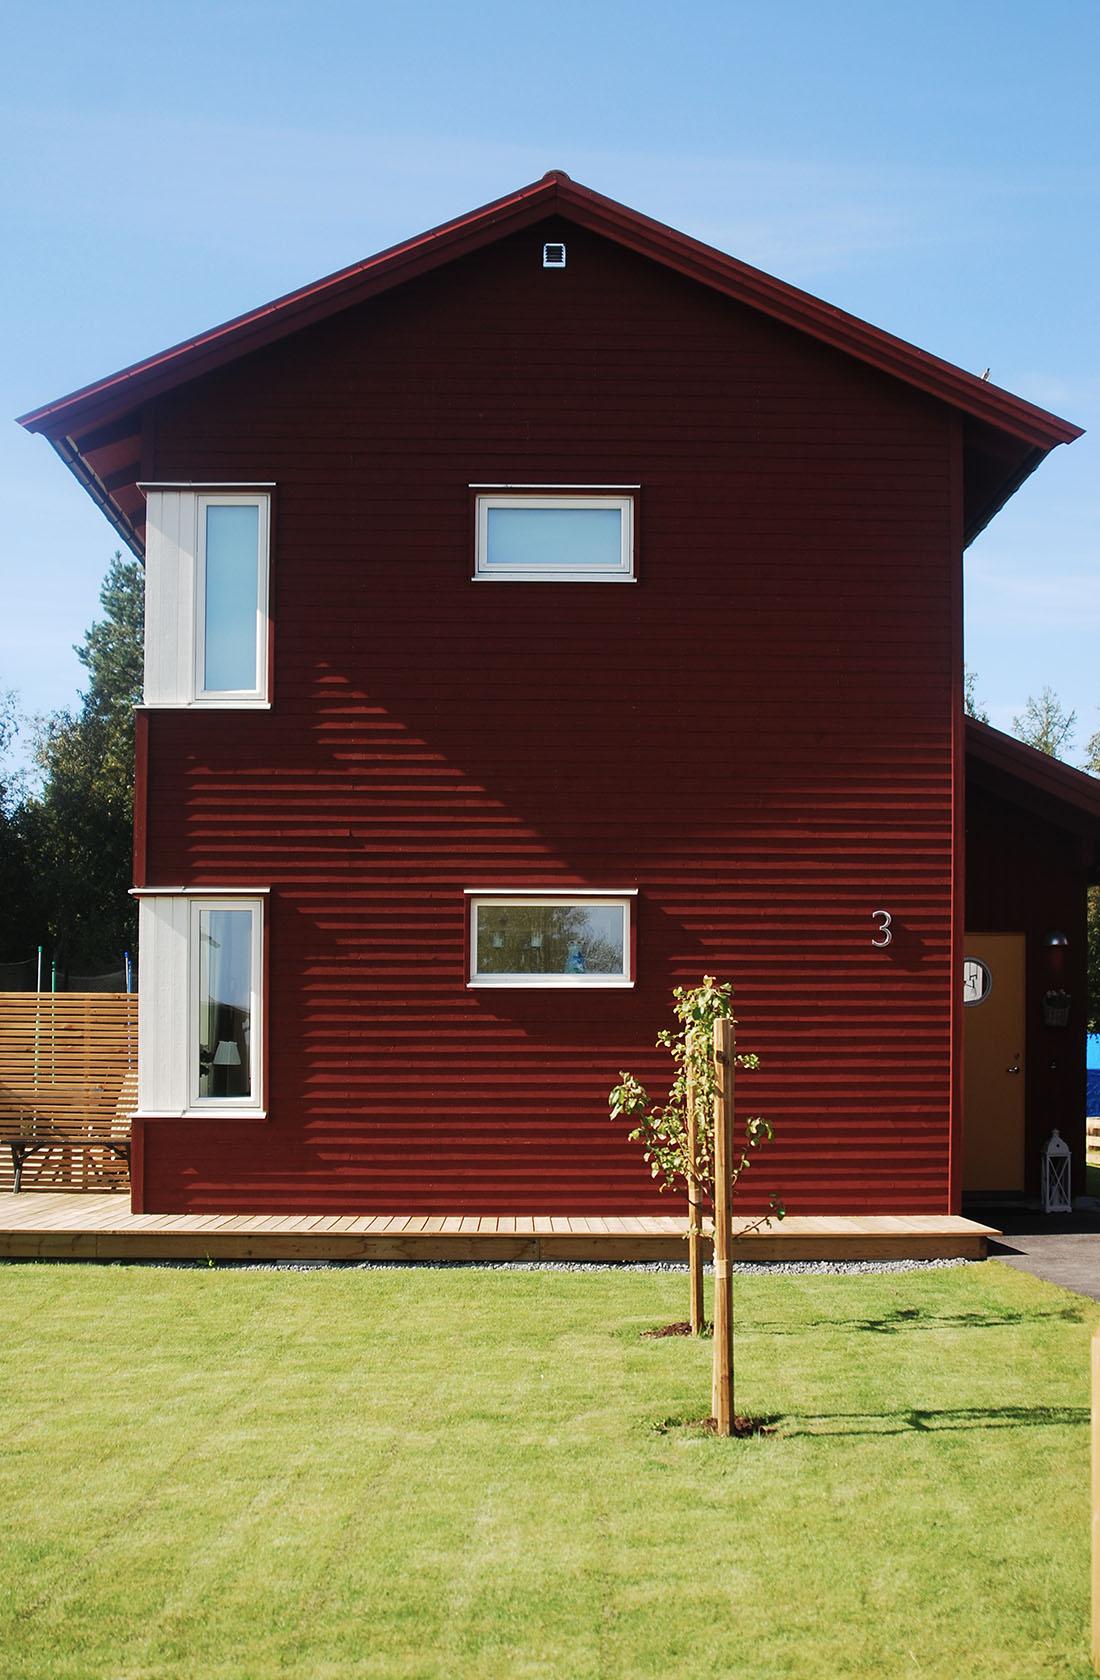 Hus i rött